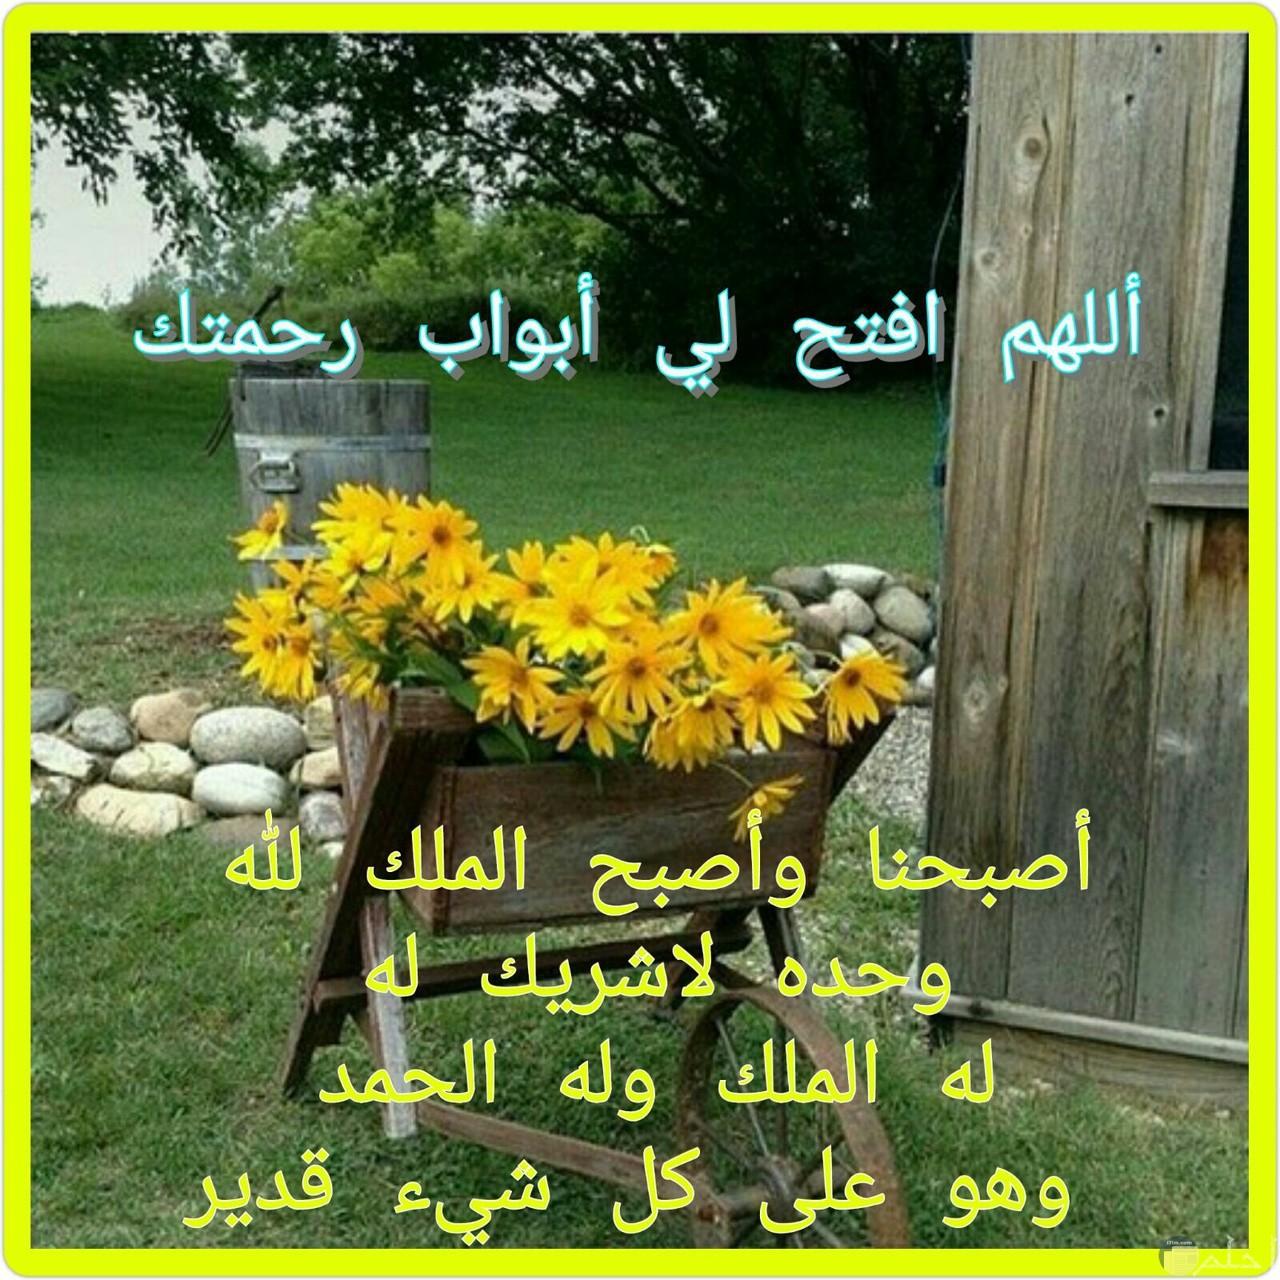 اللهم افتح لي ابواب رحمتك